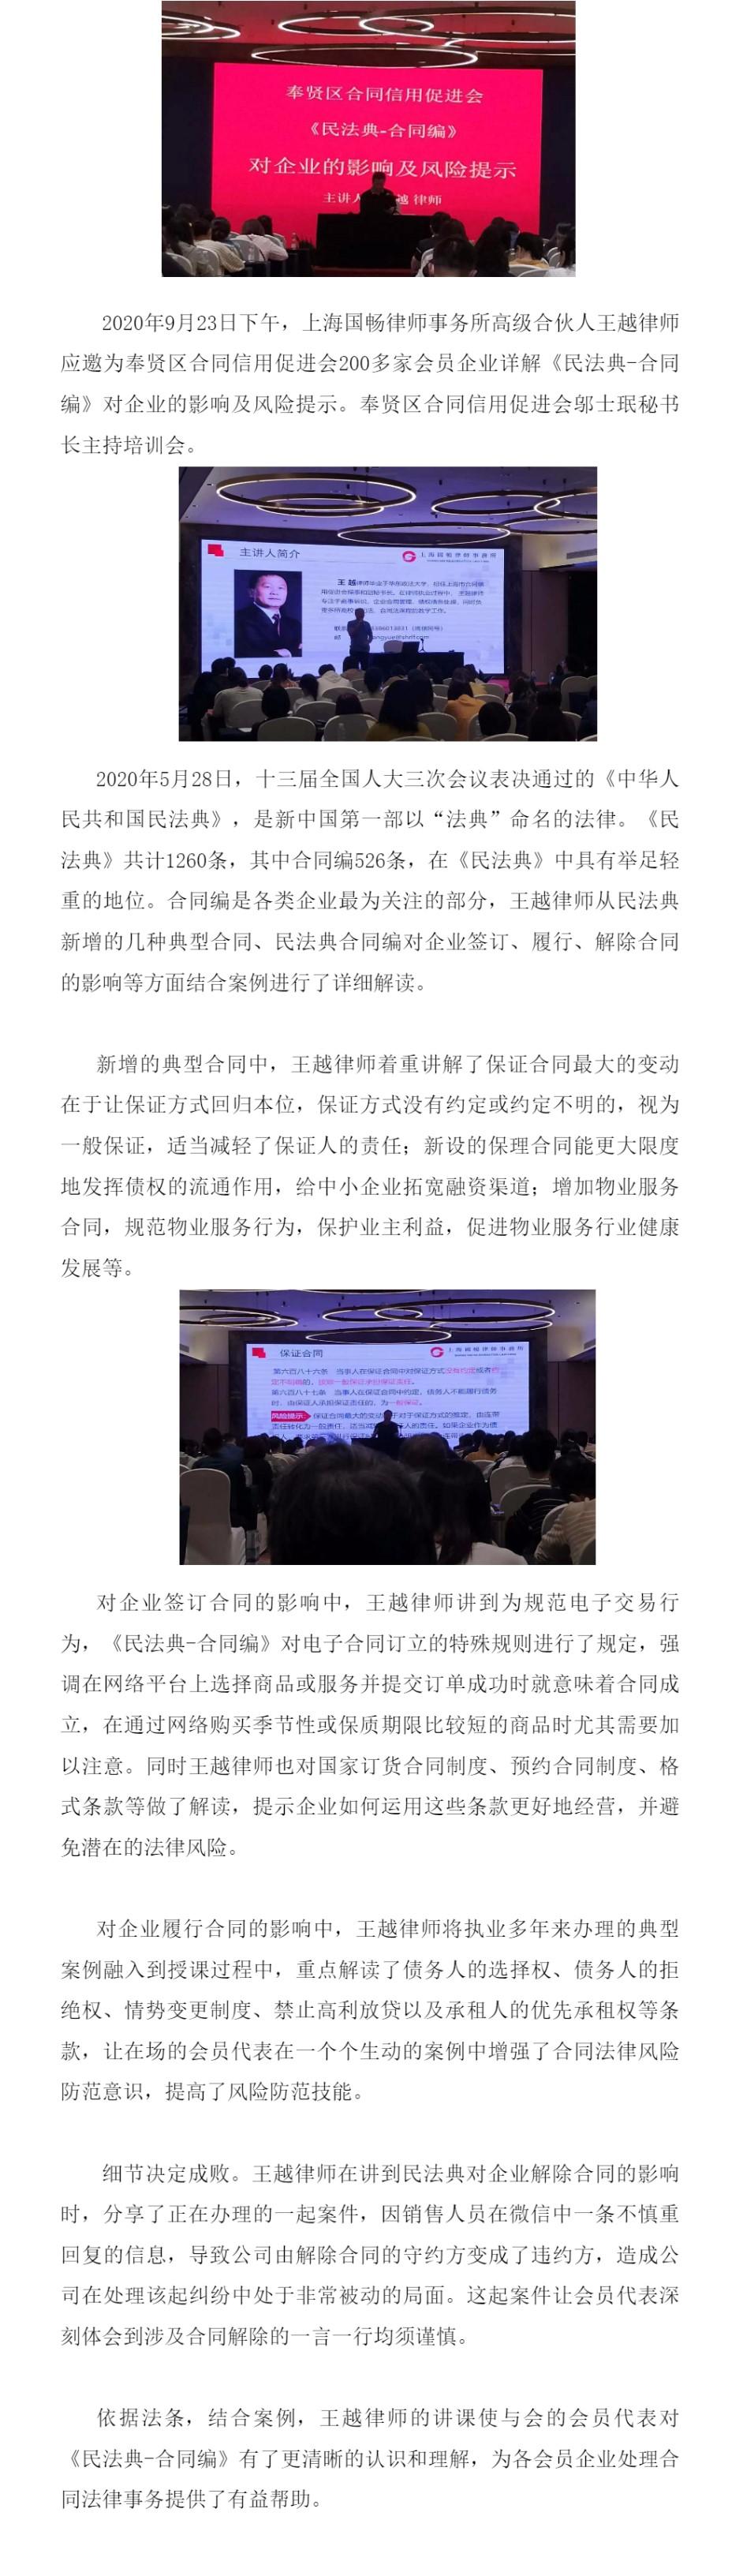 王越万博maxbetx官网网页登录解读《民法典-合同编》对企业经营的影响.jpg